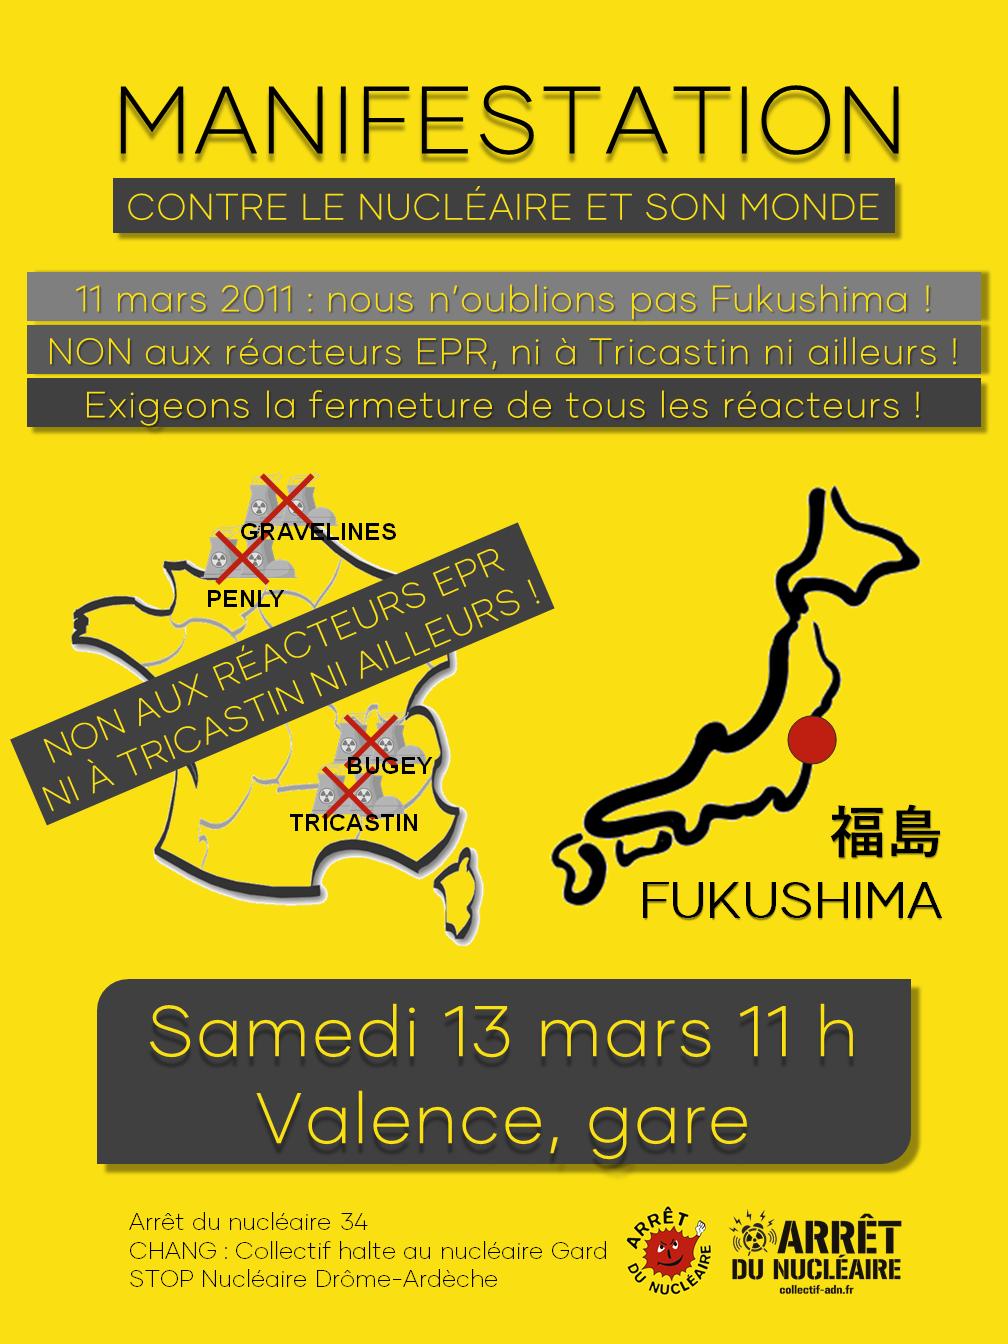 Manifestation contre le nucléaire et son monde